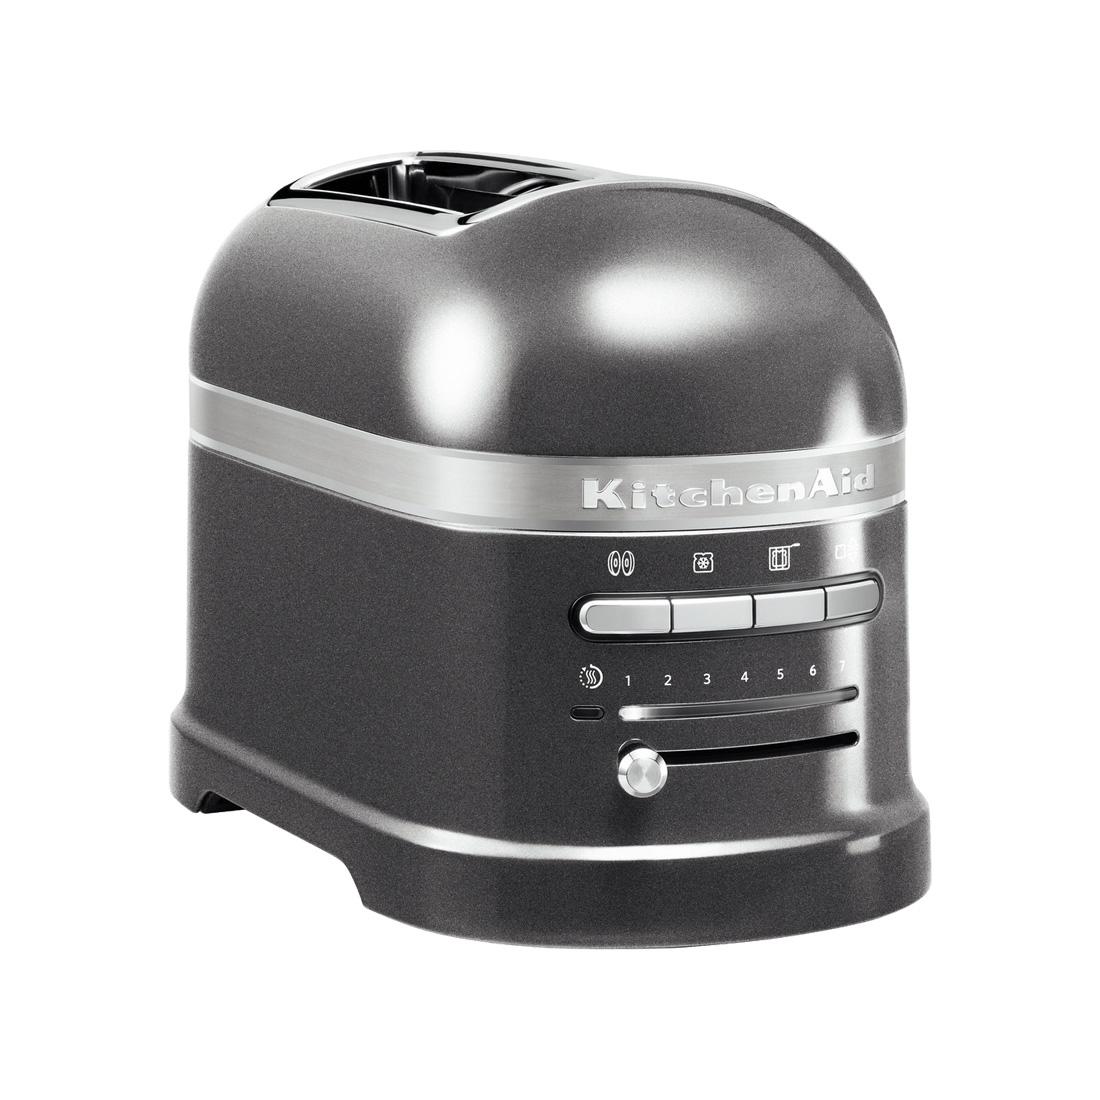 kitchenAid Artisan 2 Slot Toaster Medallion Silver